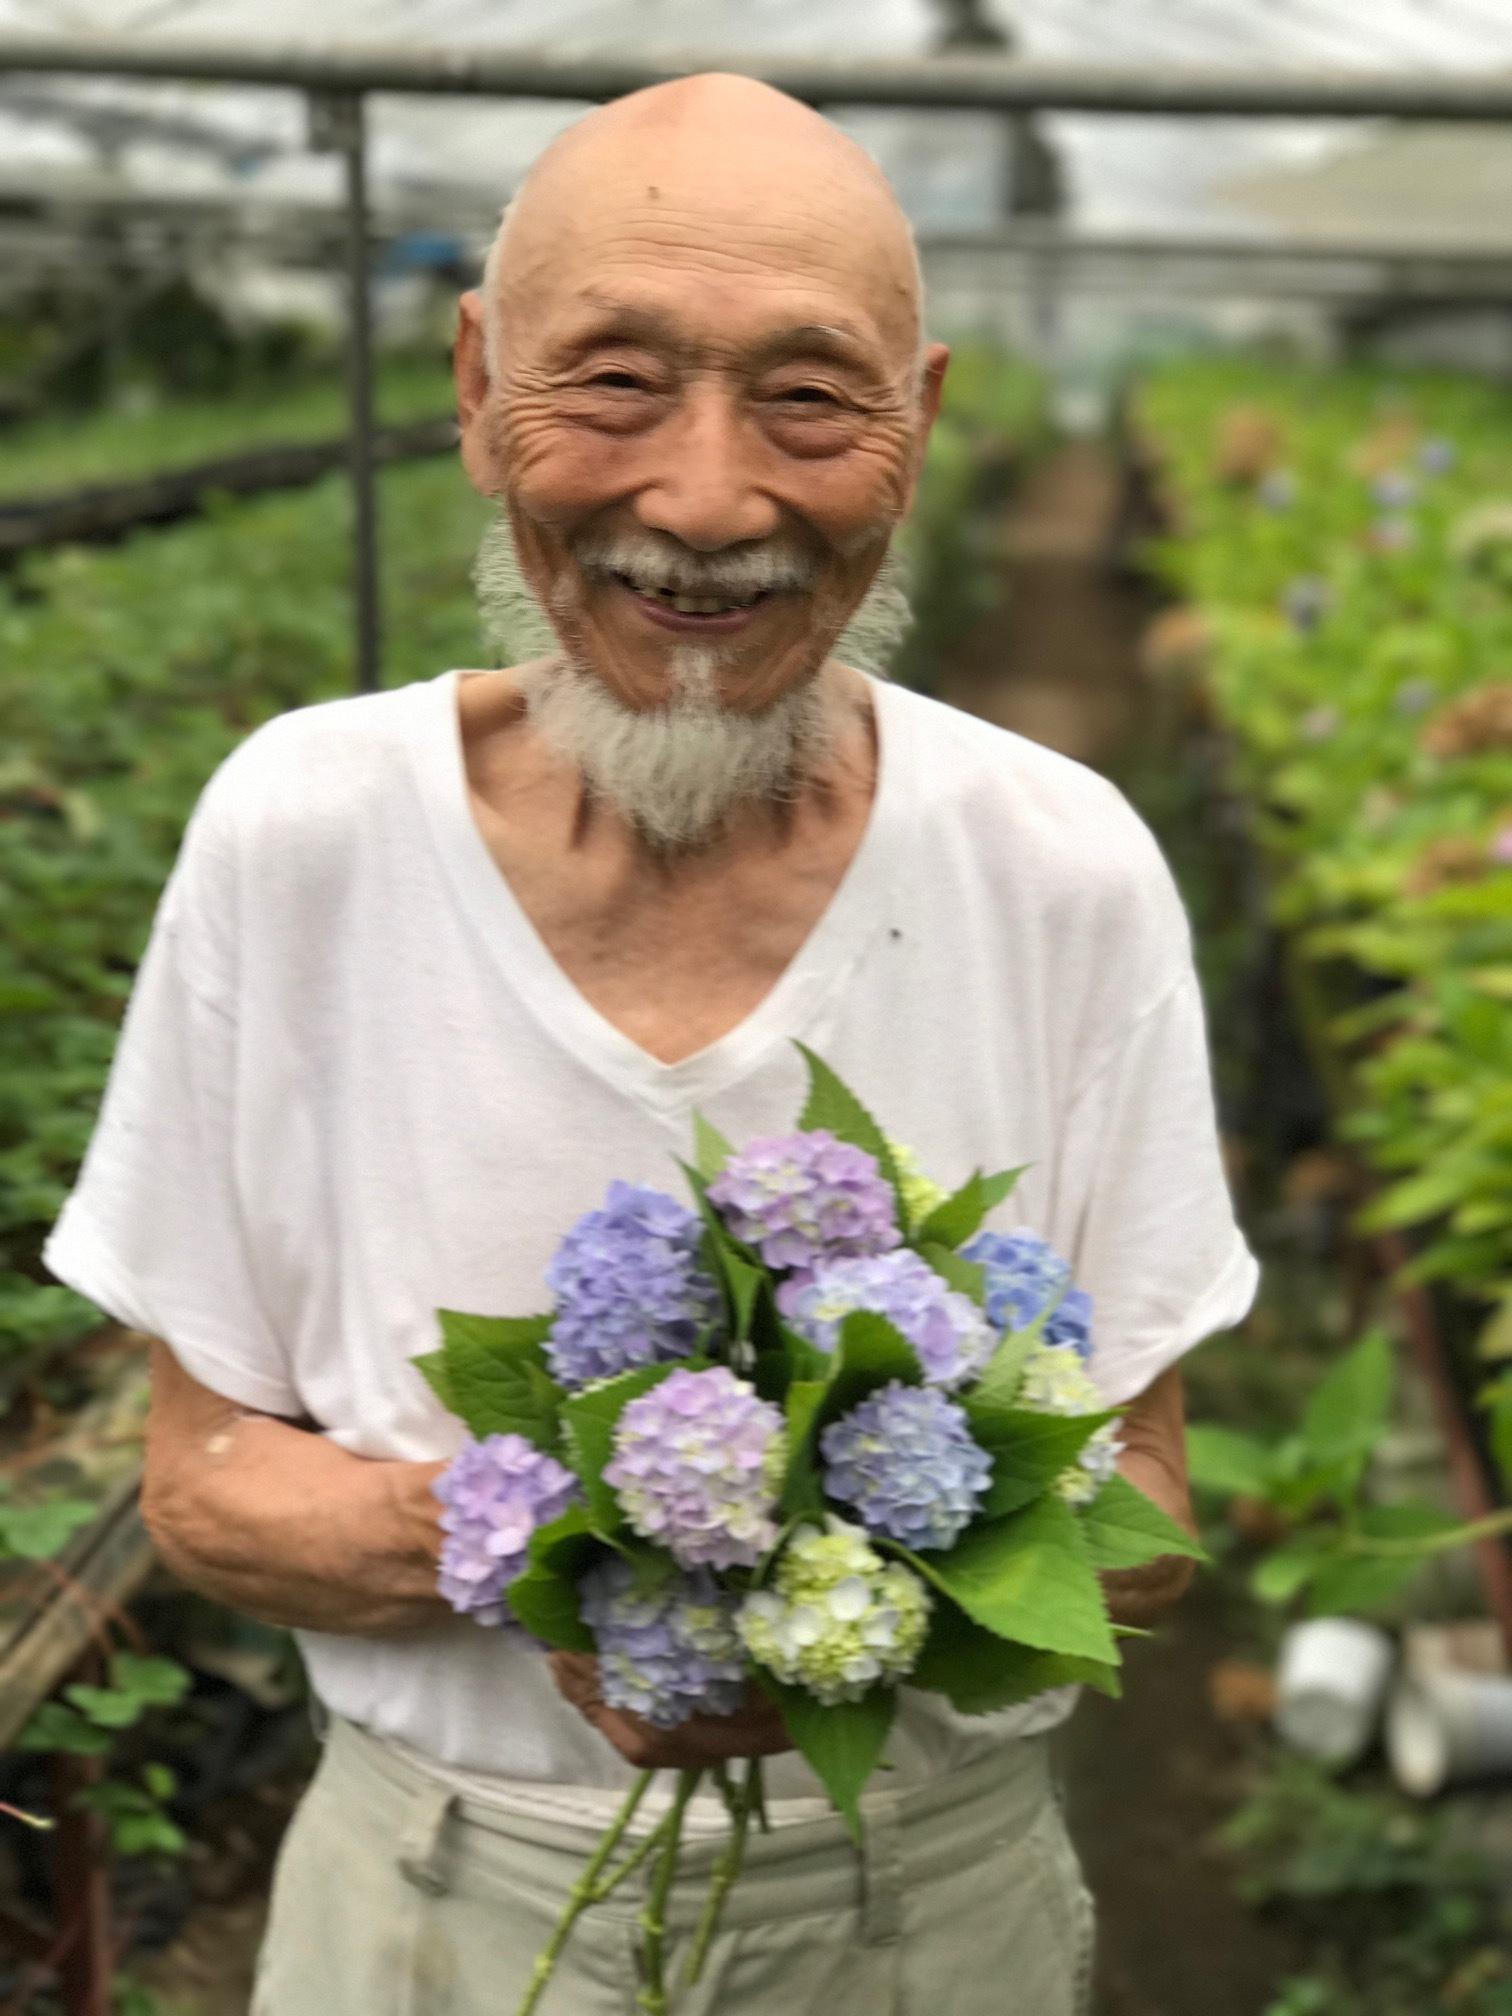 どげんかしたい!!・・・こんなに素晴らしい花あるのですから‼_b0137969_17255411.jpg